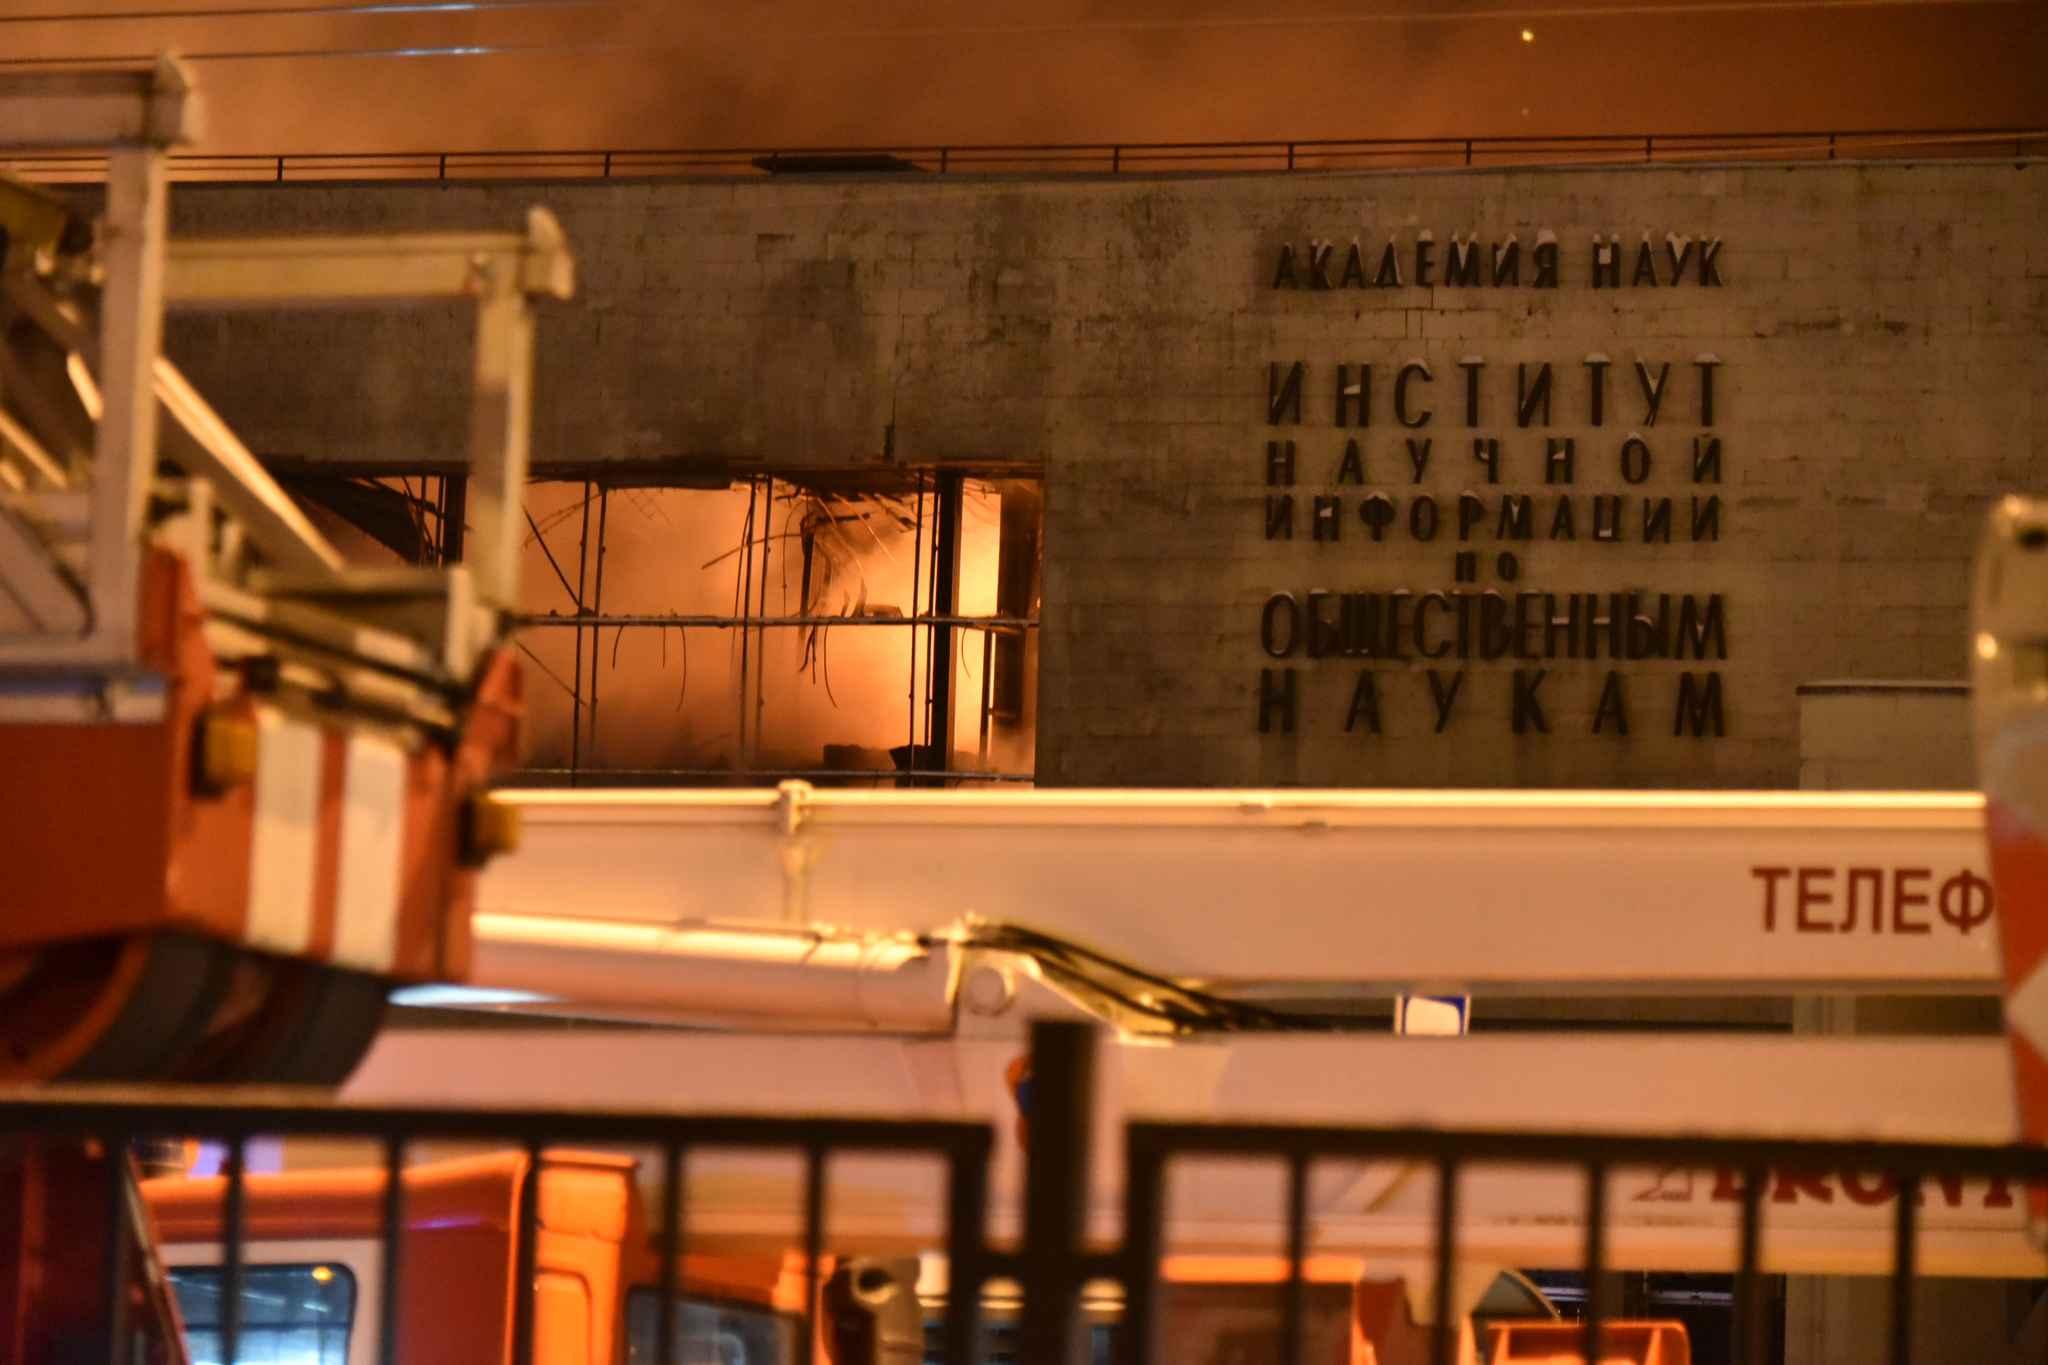 Библиотеку-гигант на юго-западе Москвы восстановят по советским чертежам